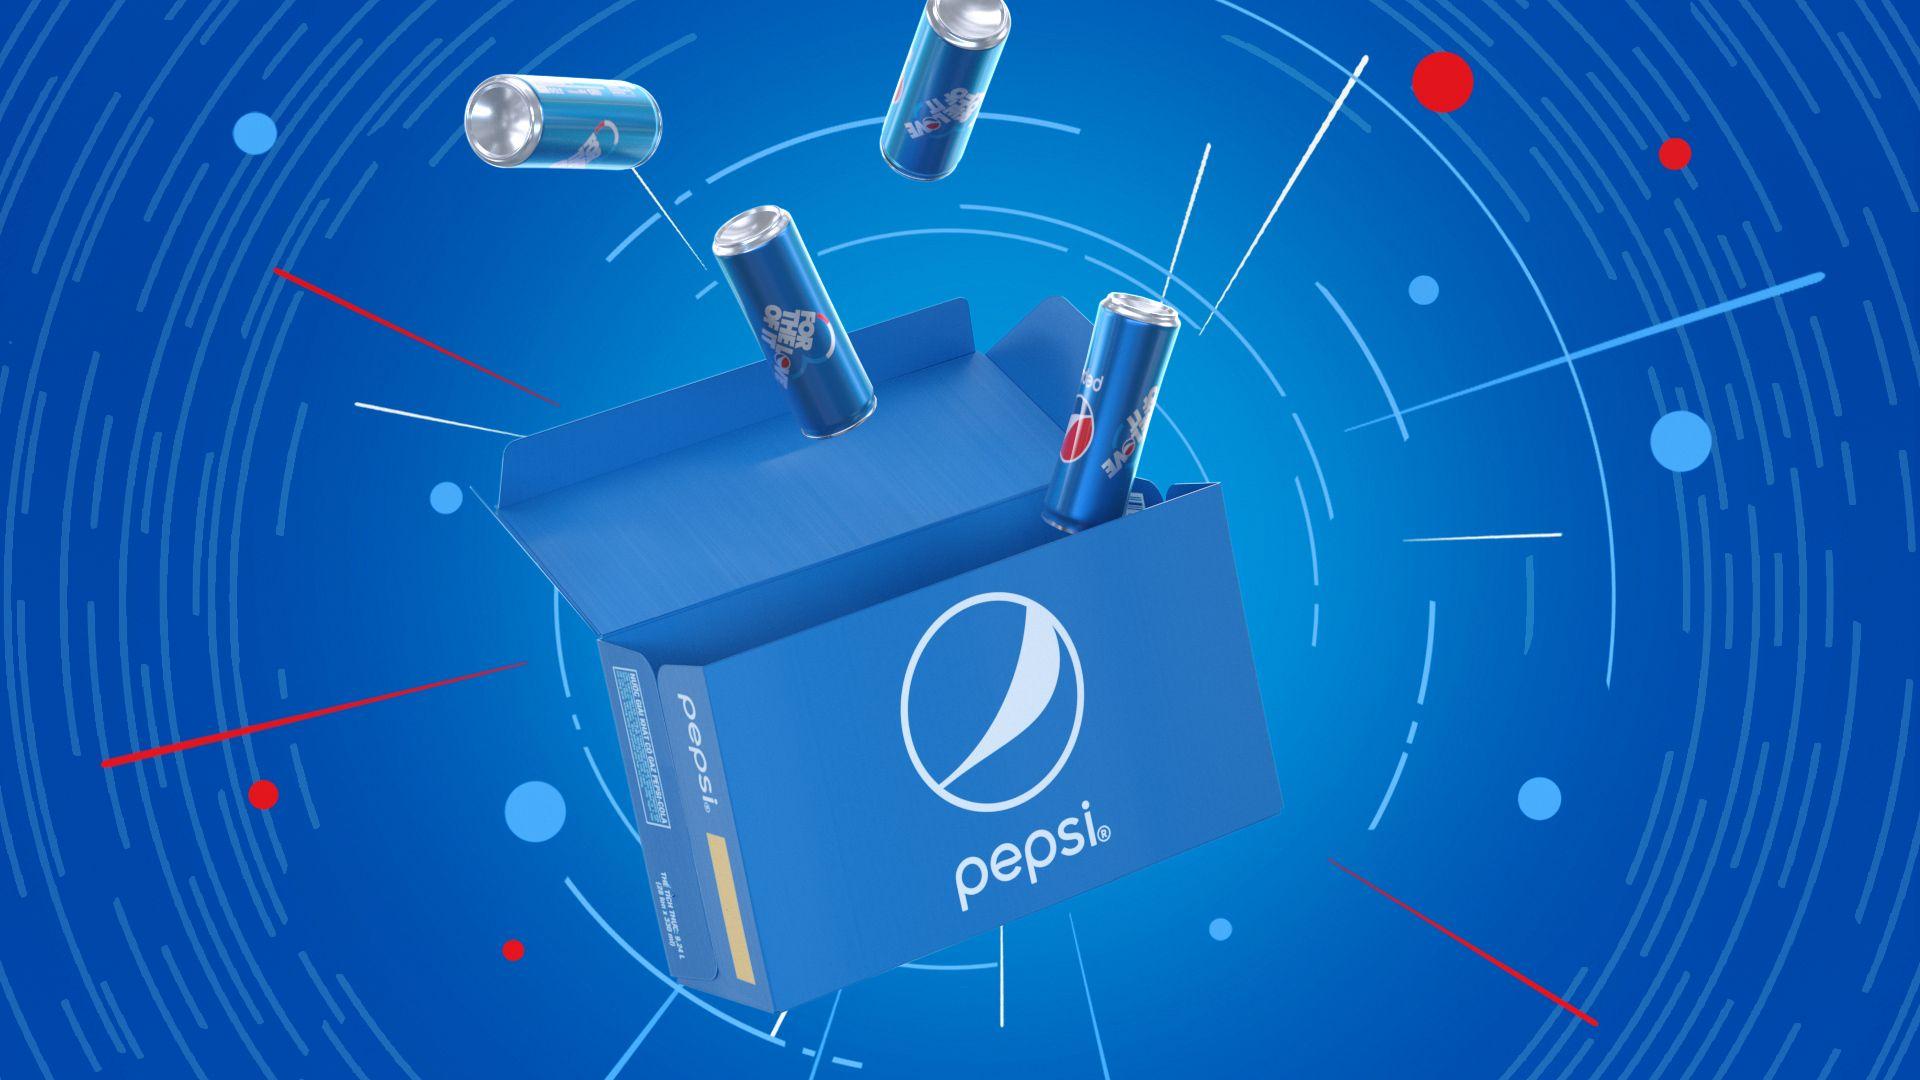 Pepsi_02_.jpg